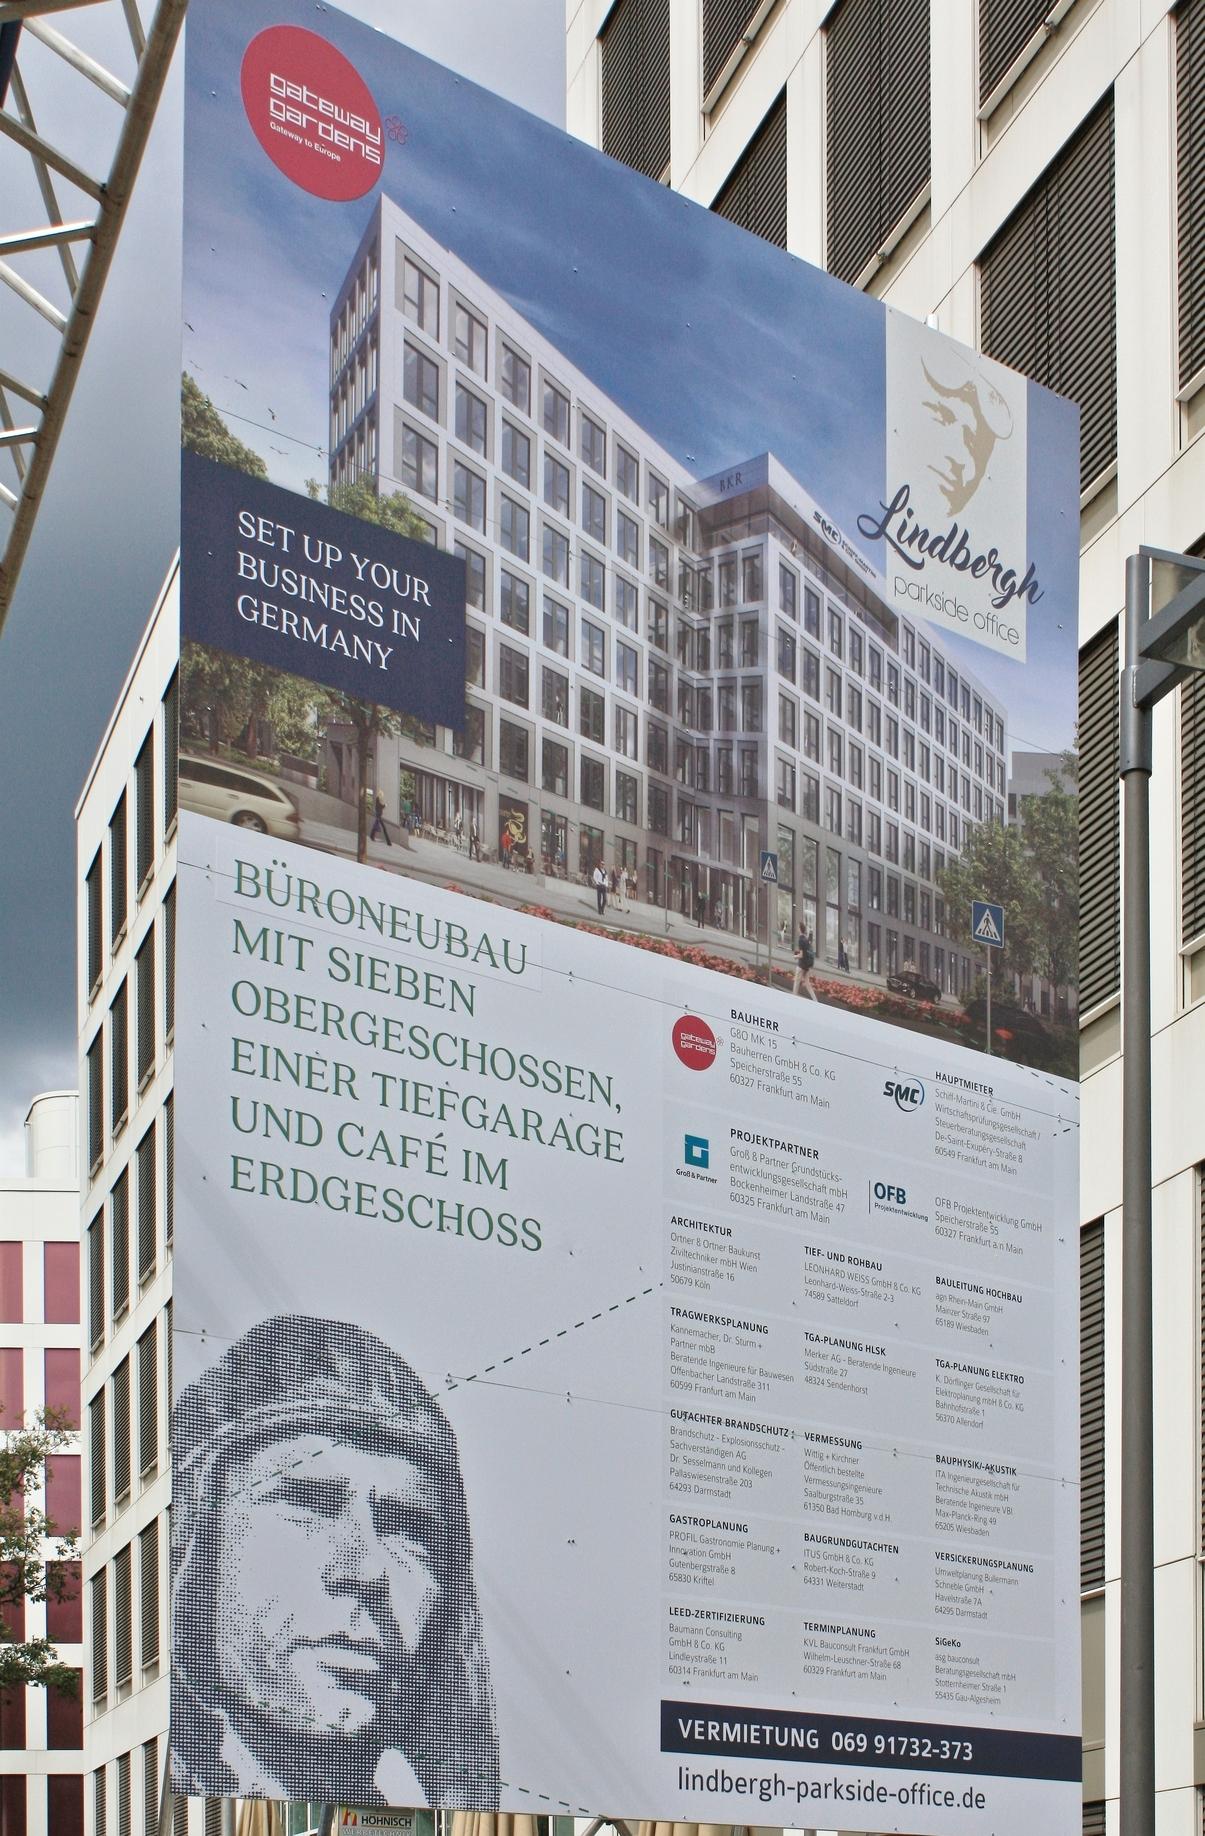 Bild: http://www.deutsches-architektur-forum.de/pics/schmittchen/3792_gatewaygardens.jpg